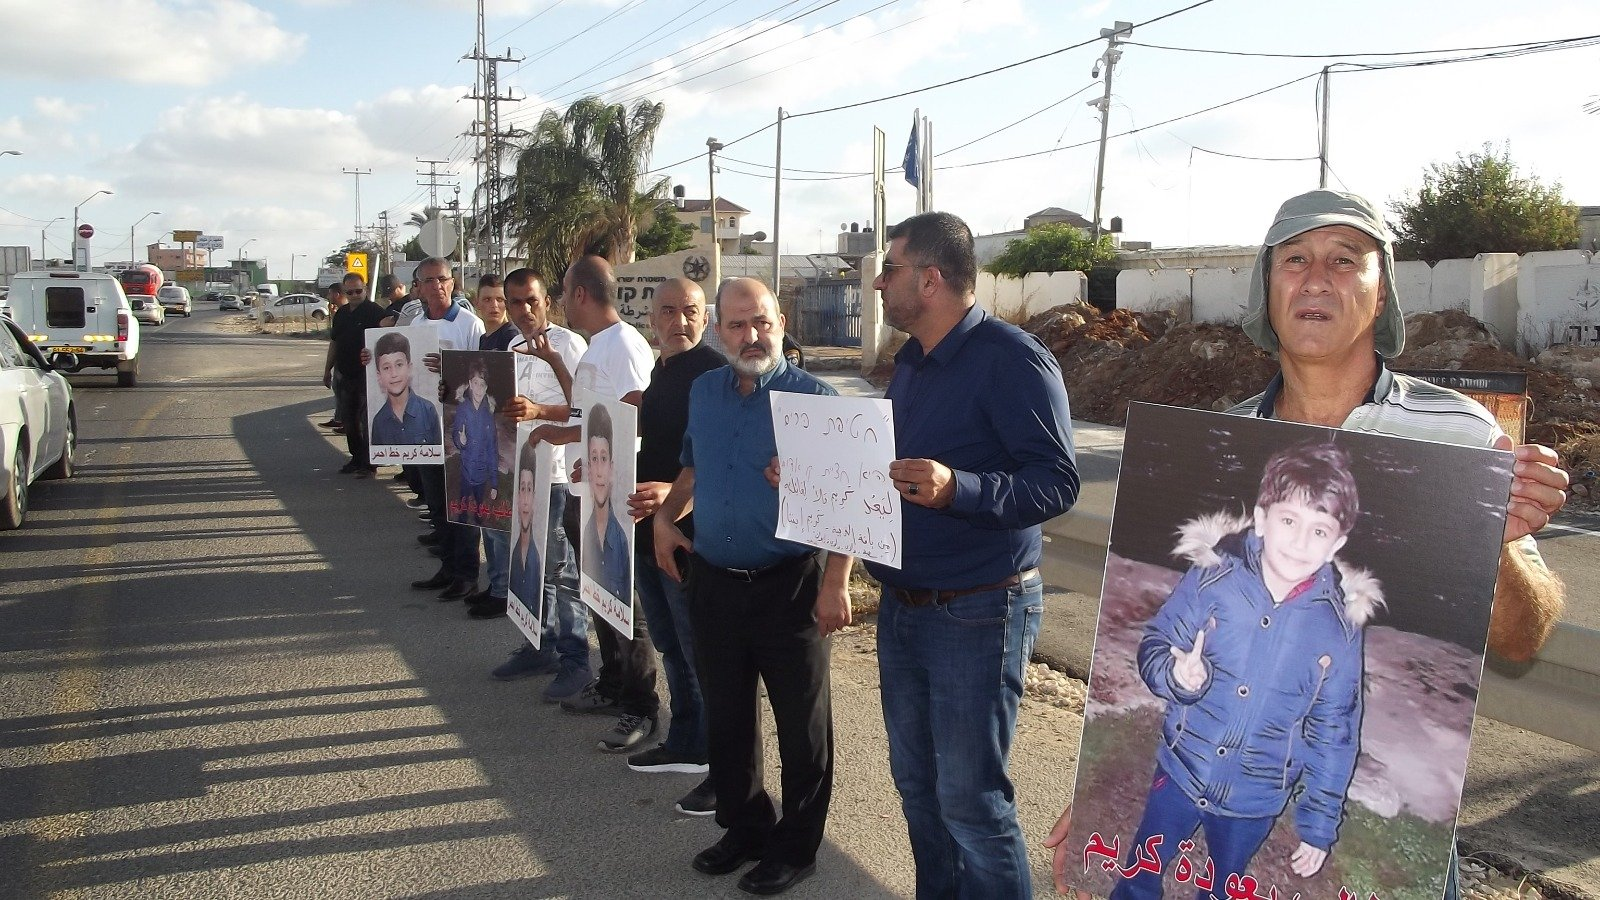 تظاهرة مطالبة الشرطة بالتحقيق بخطف الطفل من قلنسوة بجدية